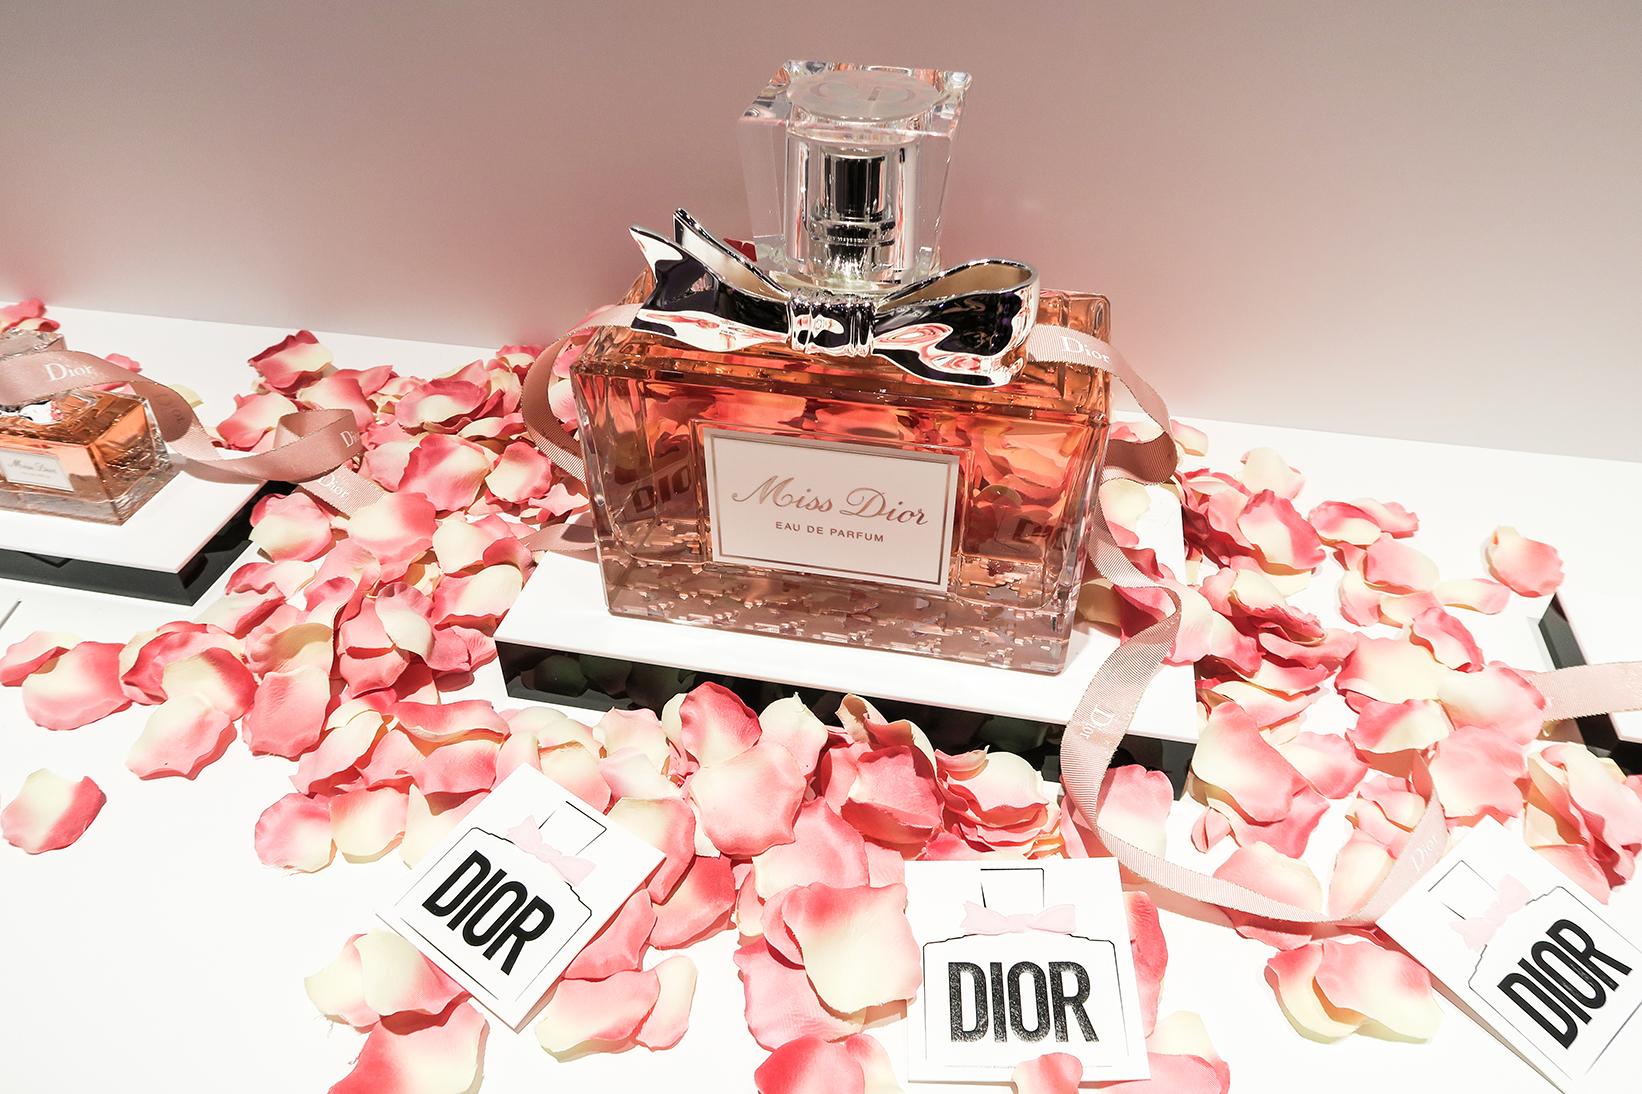 عطر Miss Dior الجديد تعبير خالص عن الحب